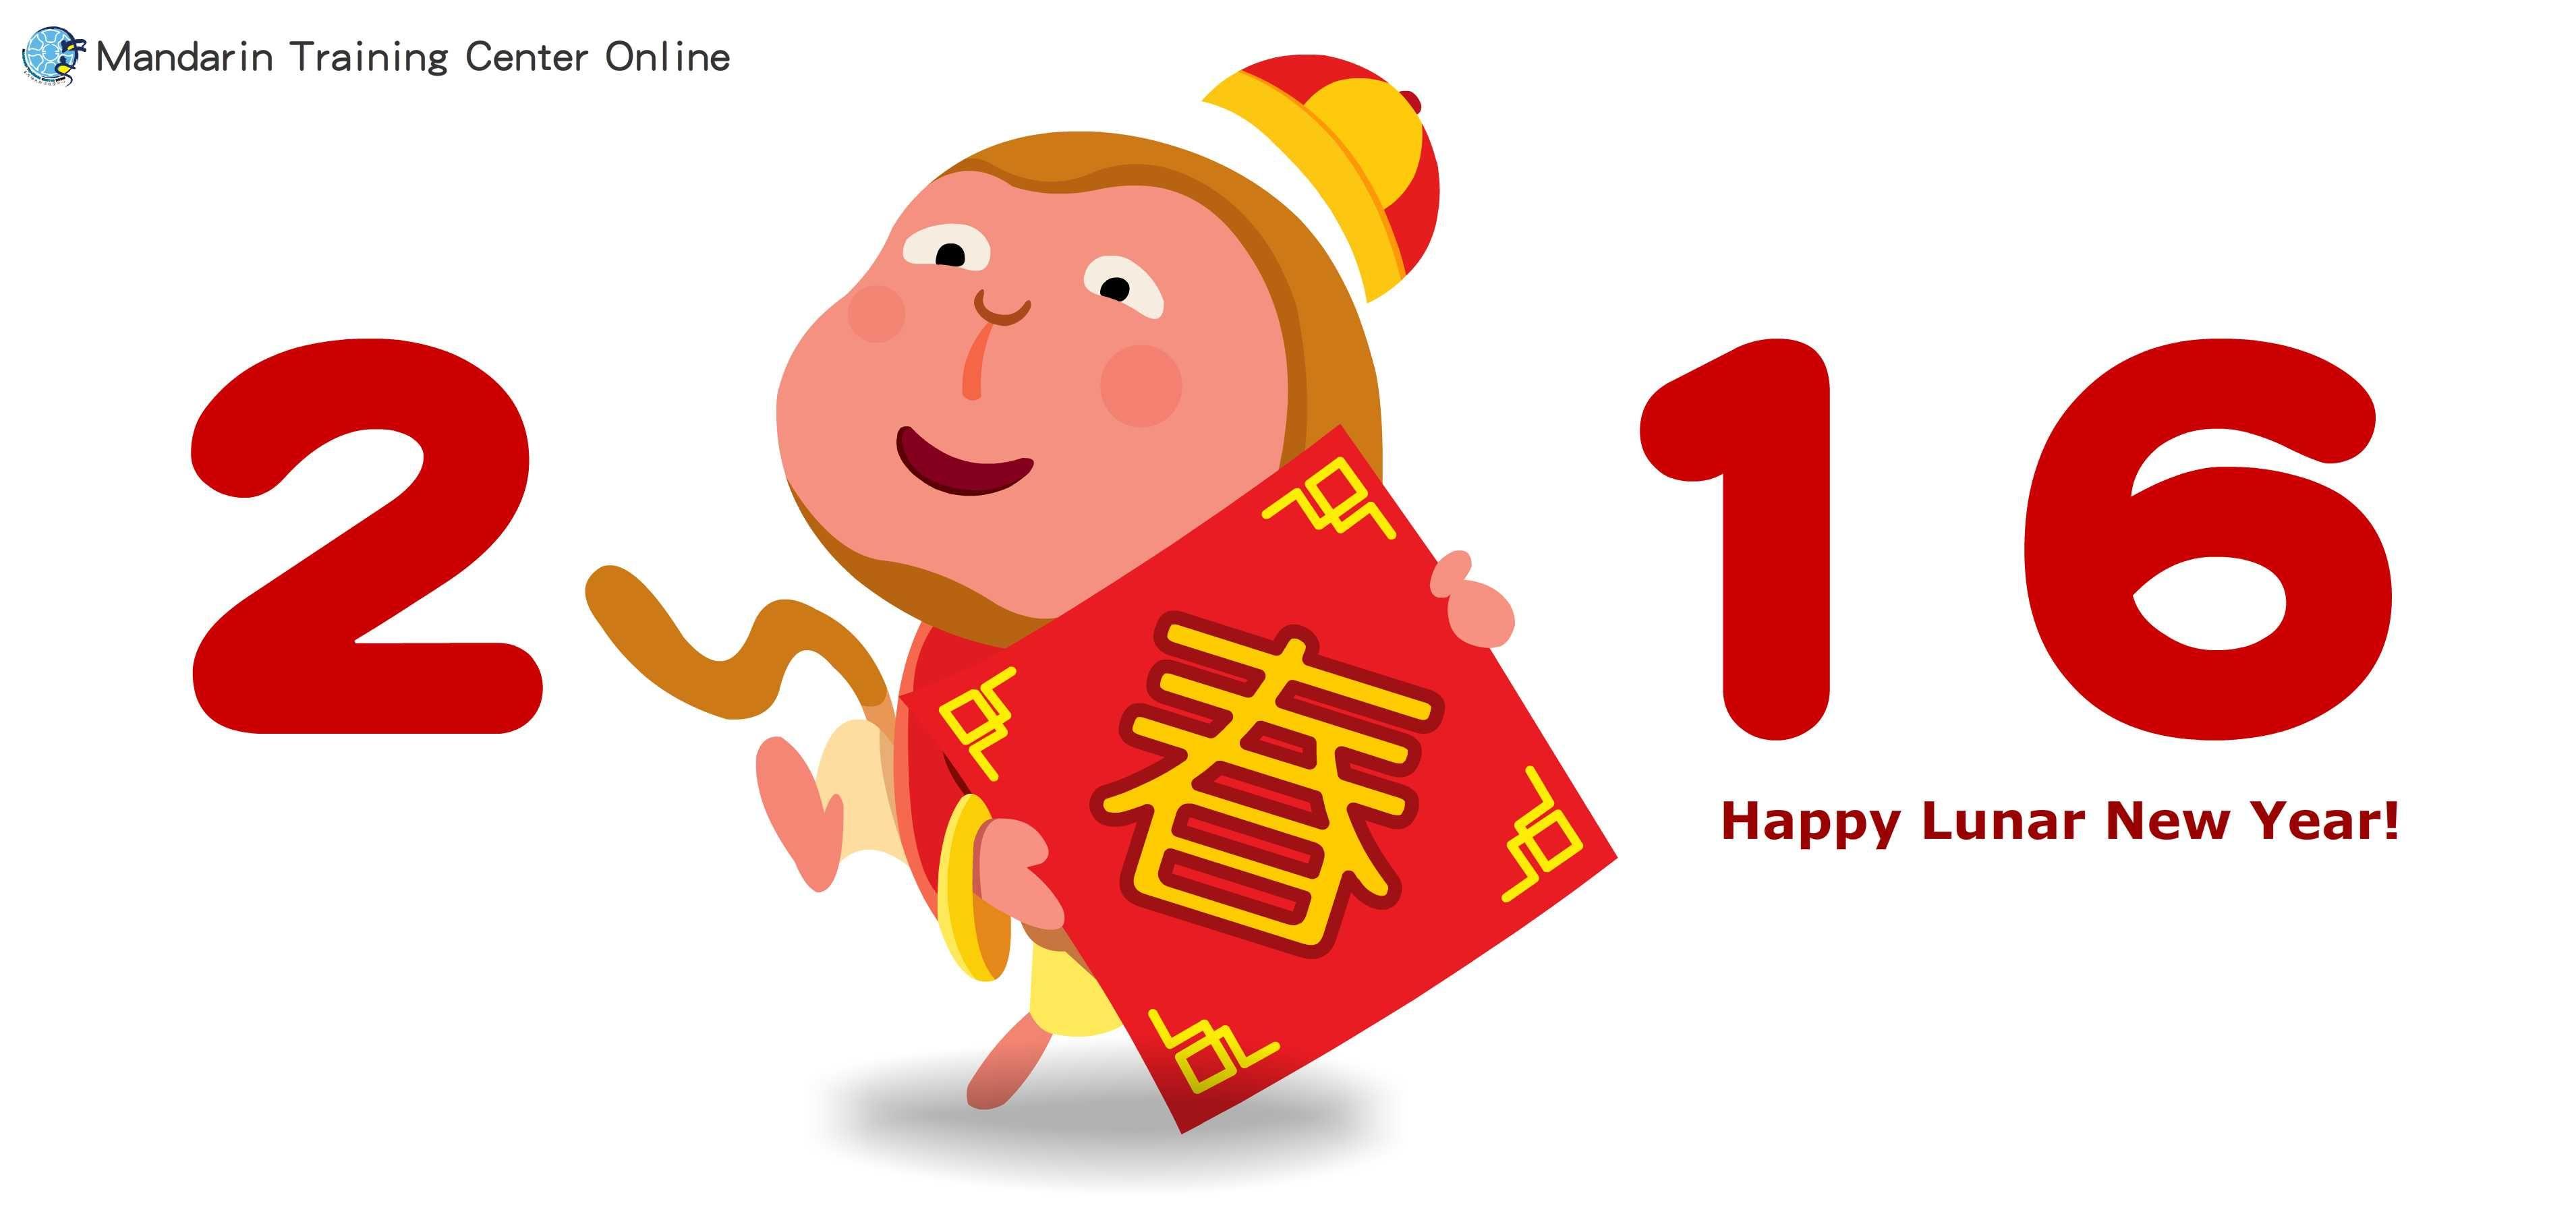 2016 Lunar New Year will fall on Feb. 8. Lunar New Year is